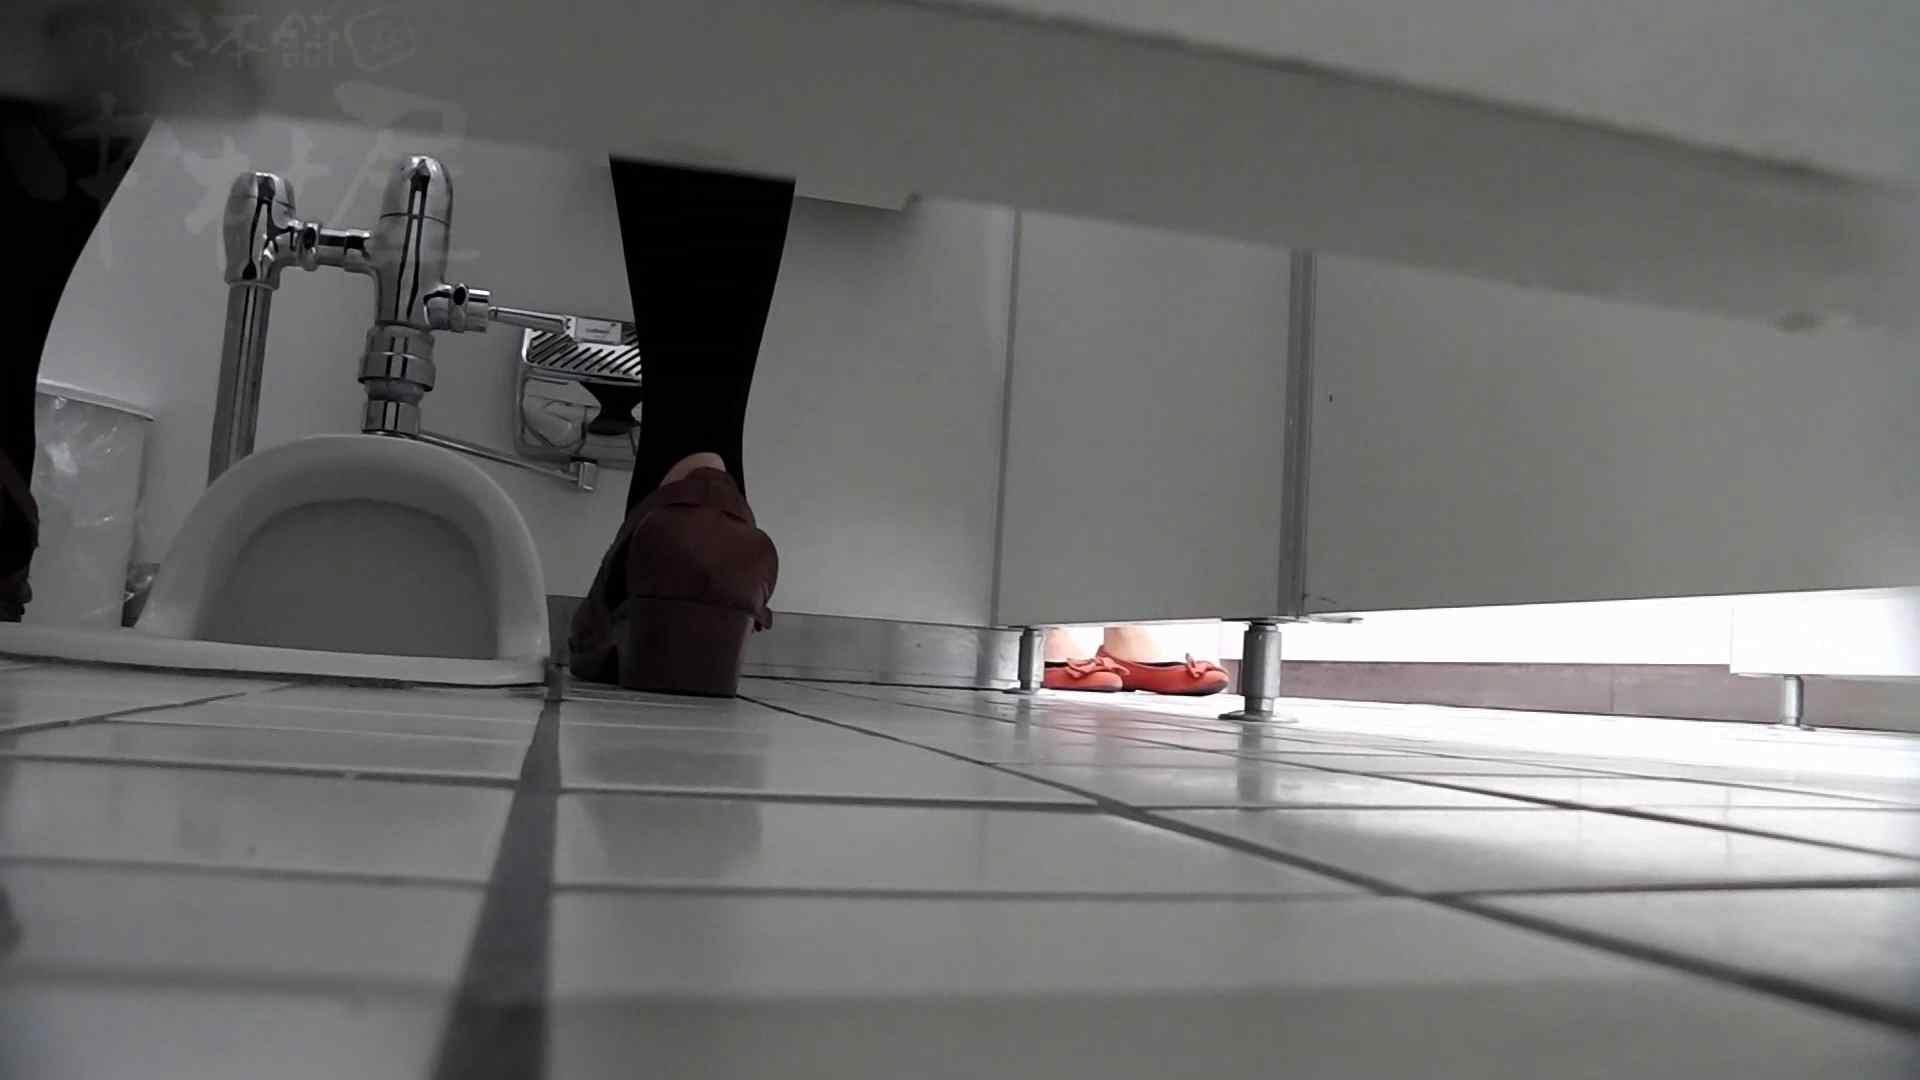 美しい日本の未来 No.25 「22」に登場した子がまさかの大で再登場!! 女子トイレ編 | 排泄編  102PIX 25